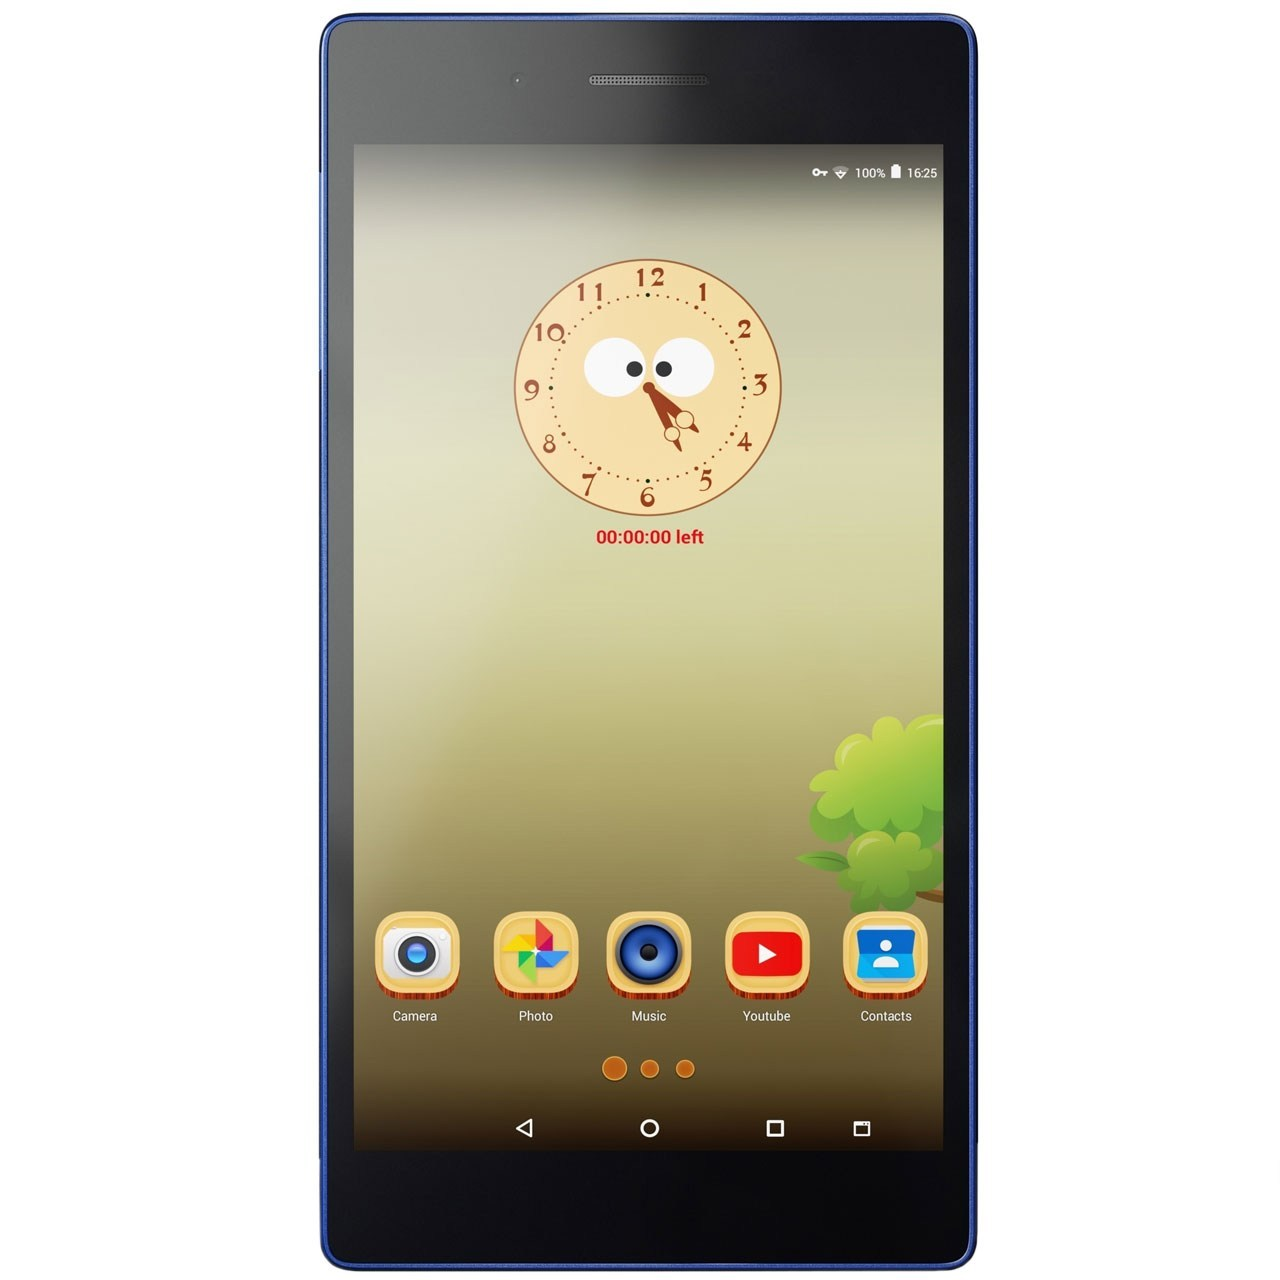 تبلت لنوو مدل Tab 3 7 3G ظرفیت 8 گیگابایت